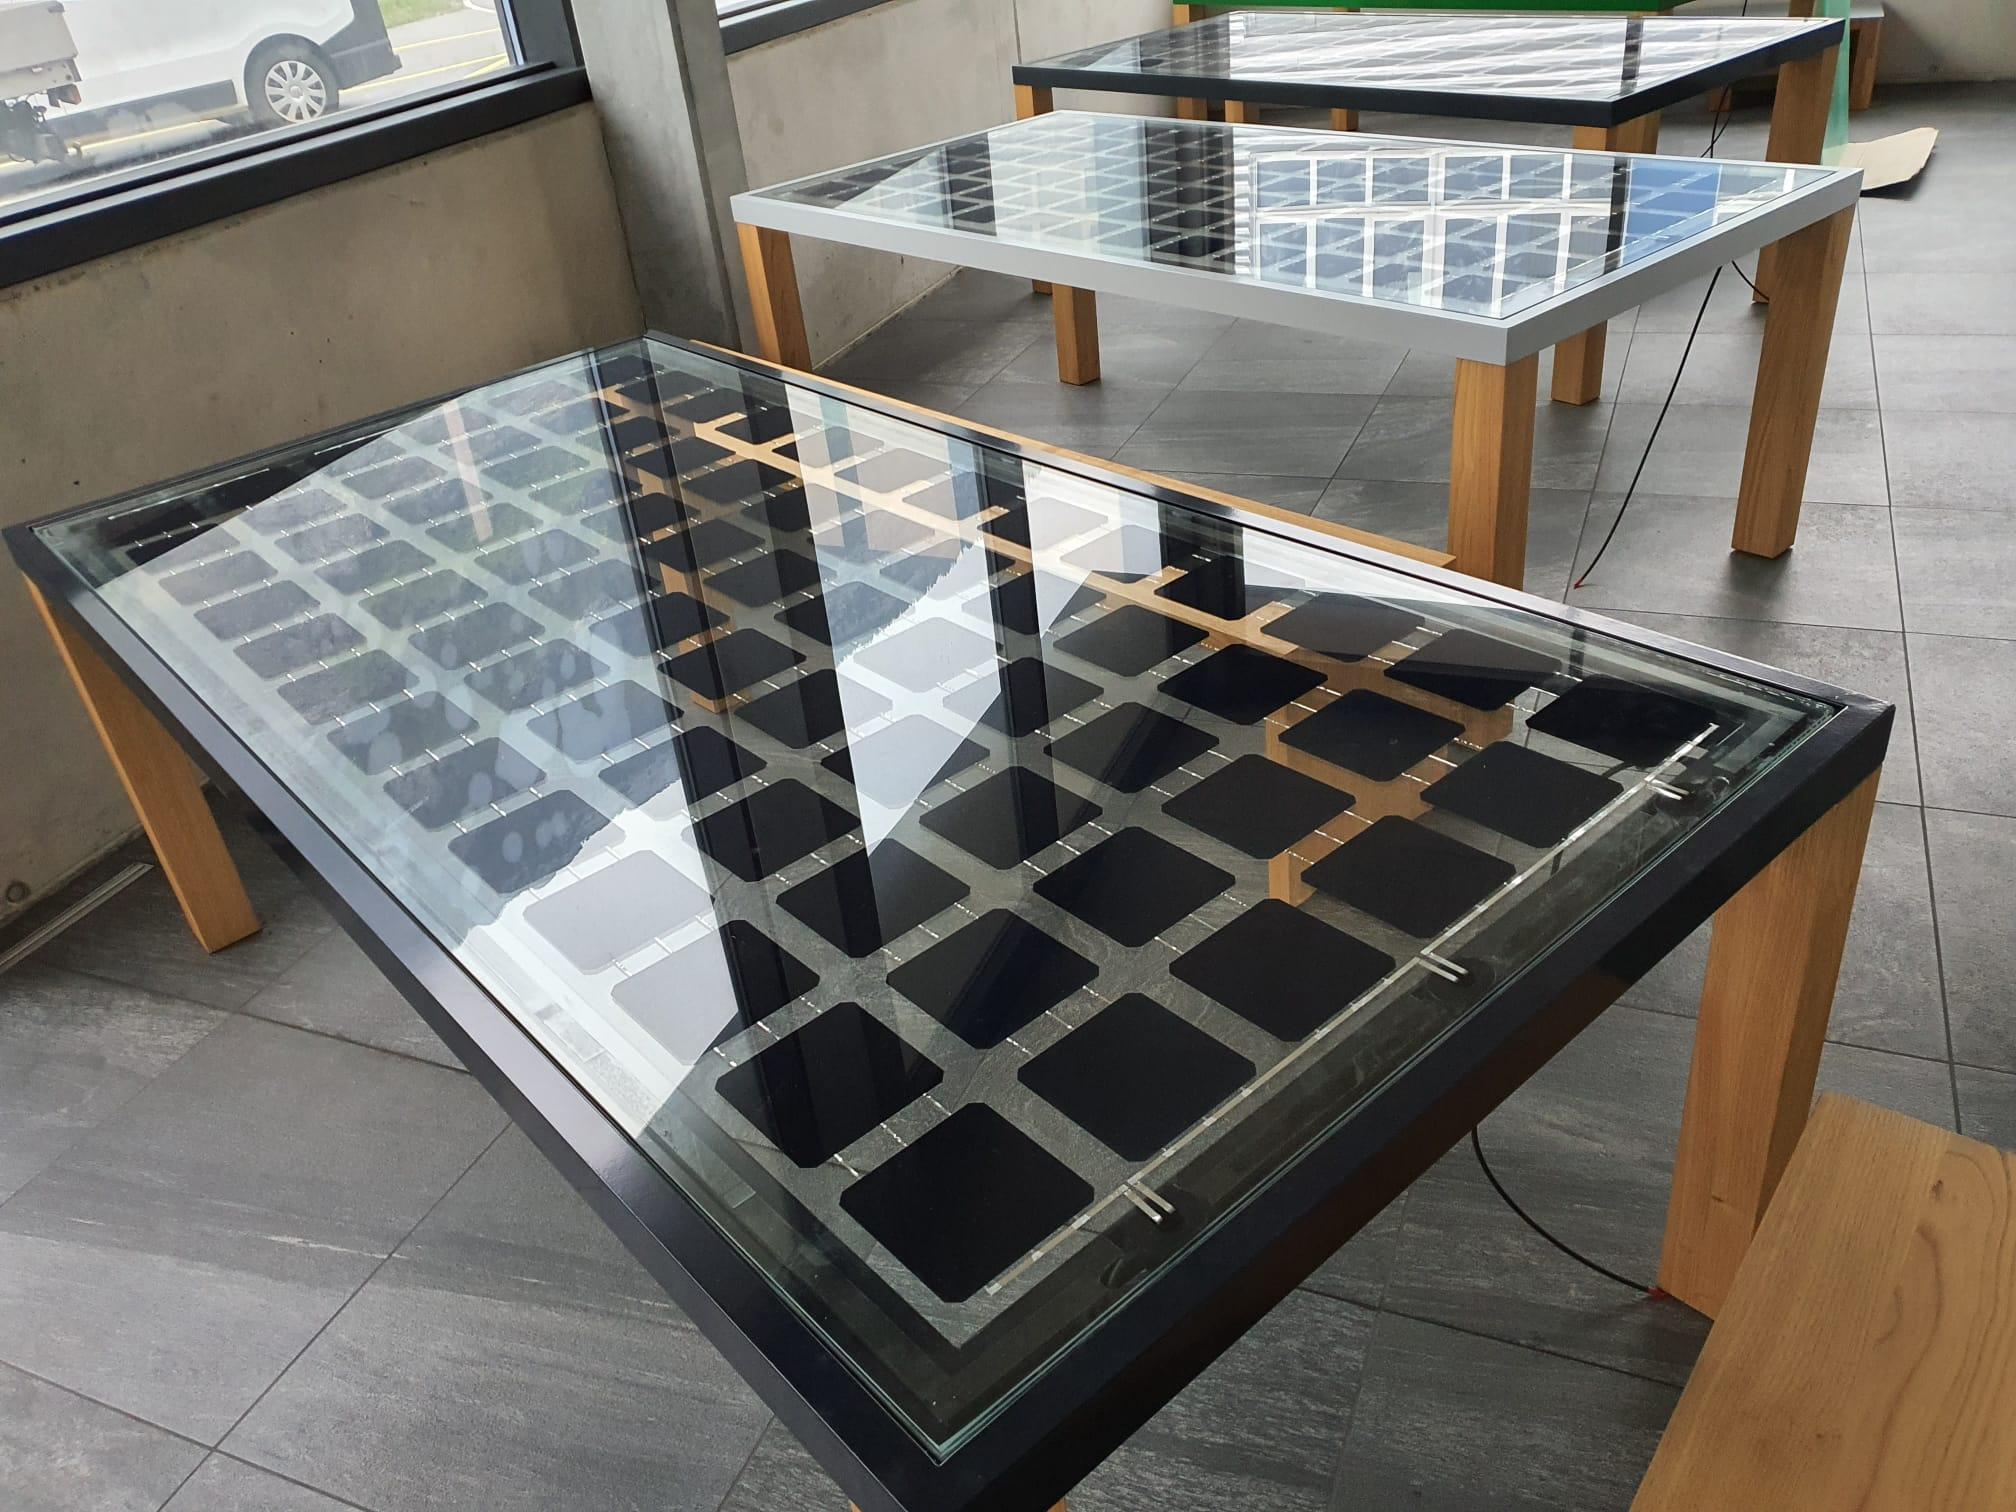 arento ag_nachhaltige architektur_Solararchitektur_Solartisch_erste Prototypen.JPG